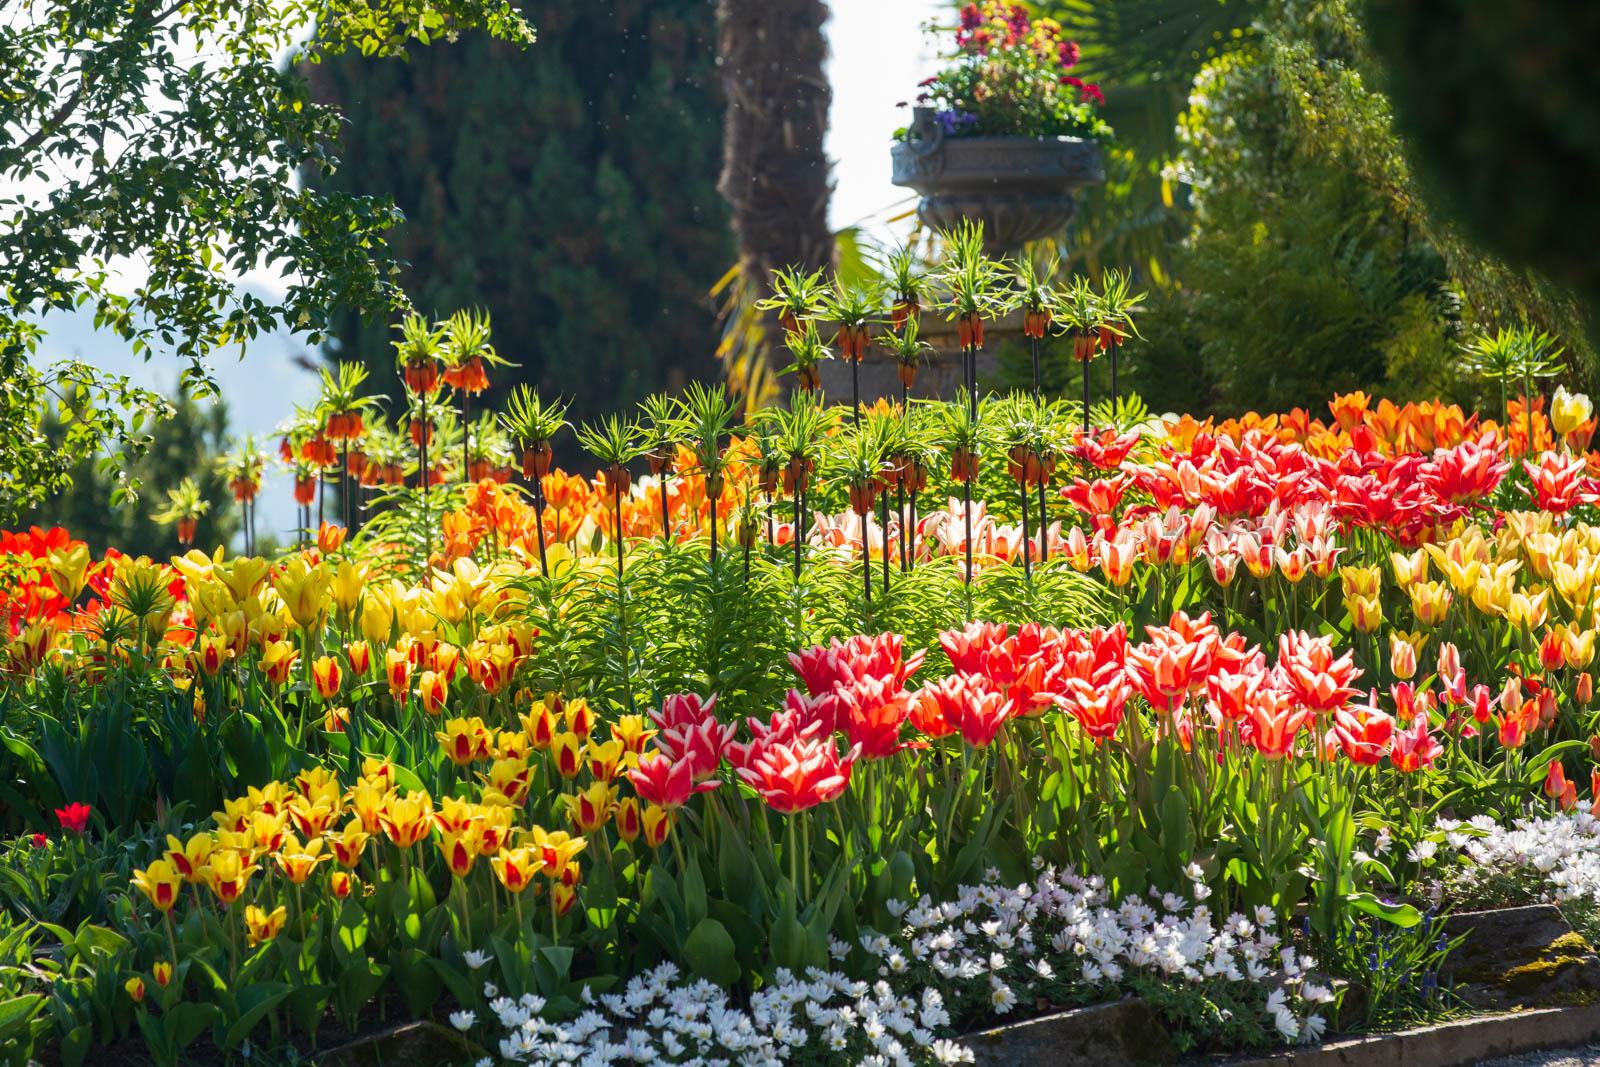 Kaiserkrone, Tulpen und Fritillaria imperialis im Gegenlicht, Mainau, Insel Mainau, Bodensee